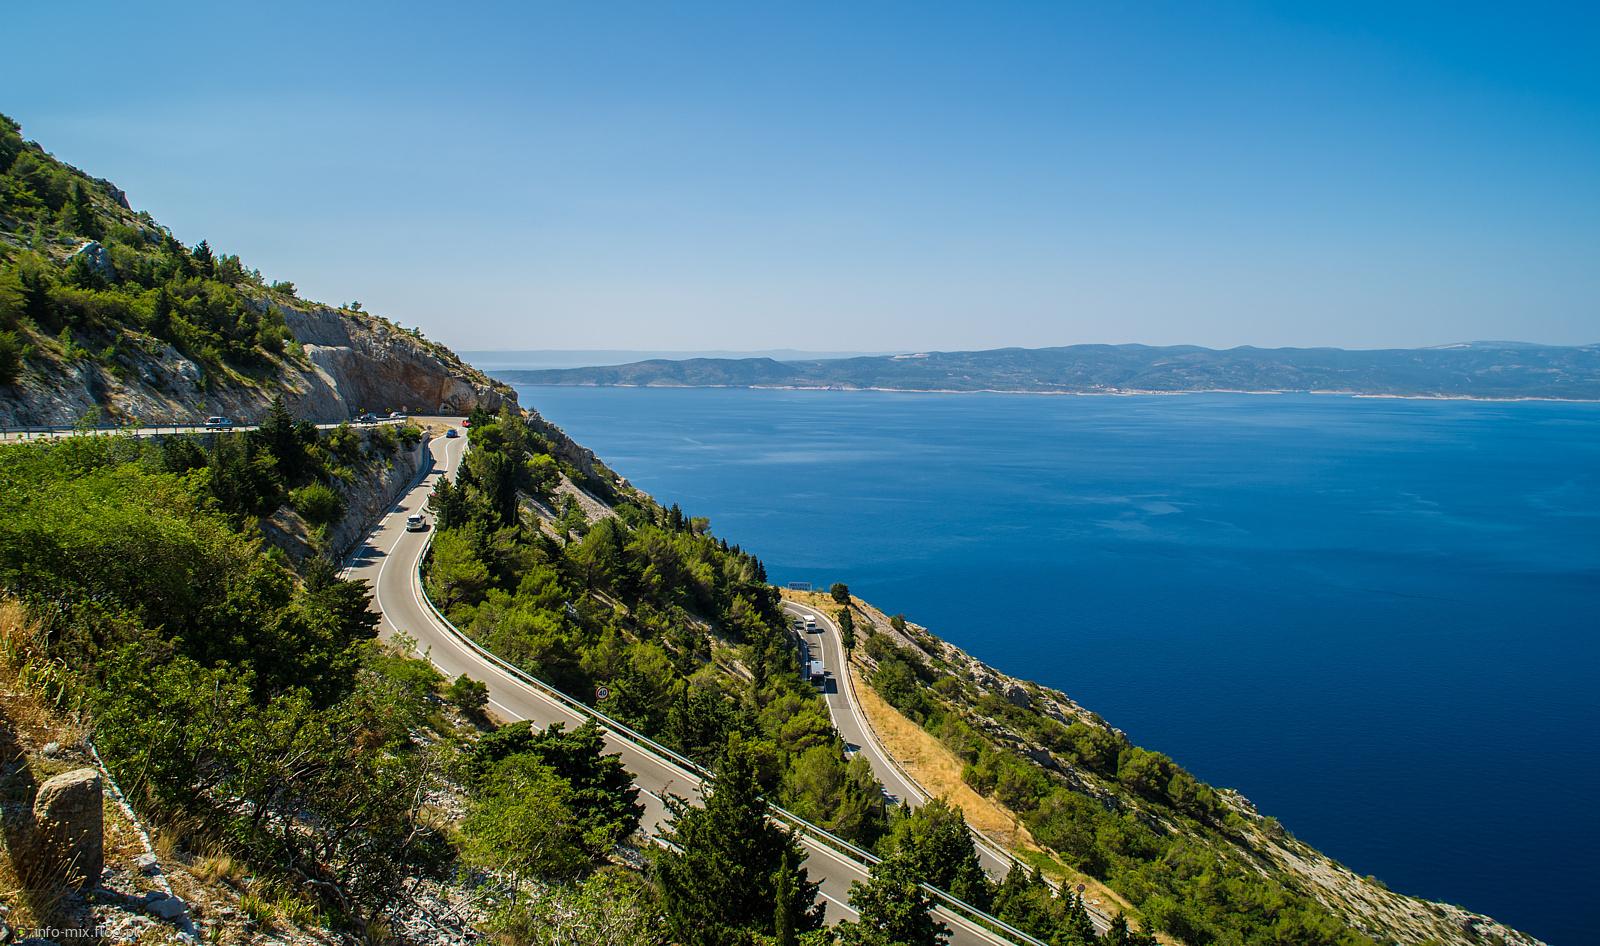 Chorwacja tanio wyjazd jak sierpien